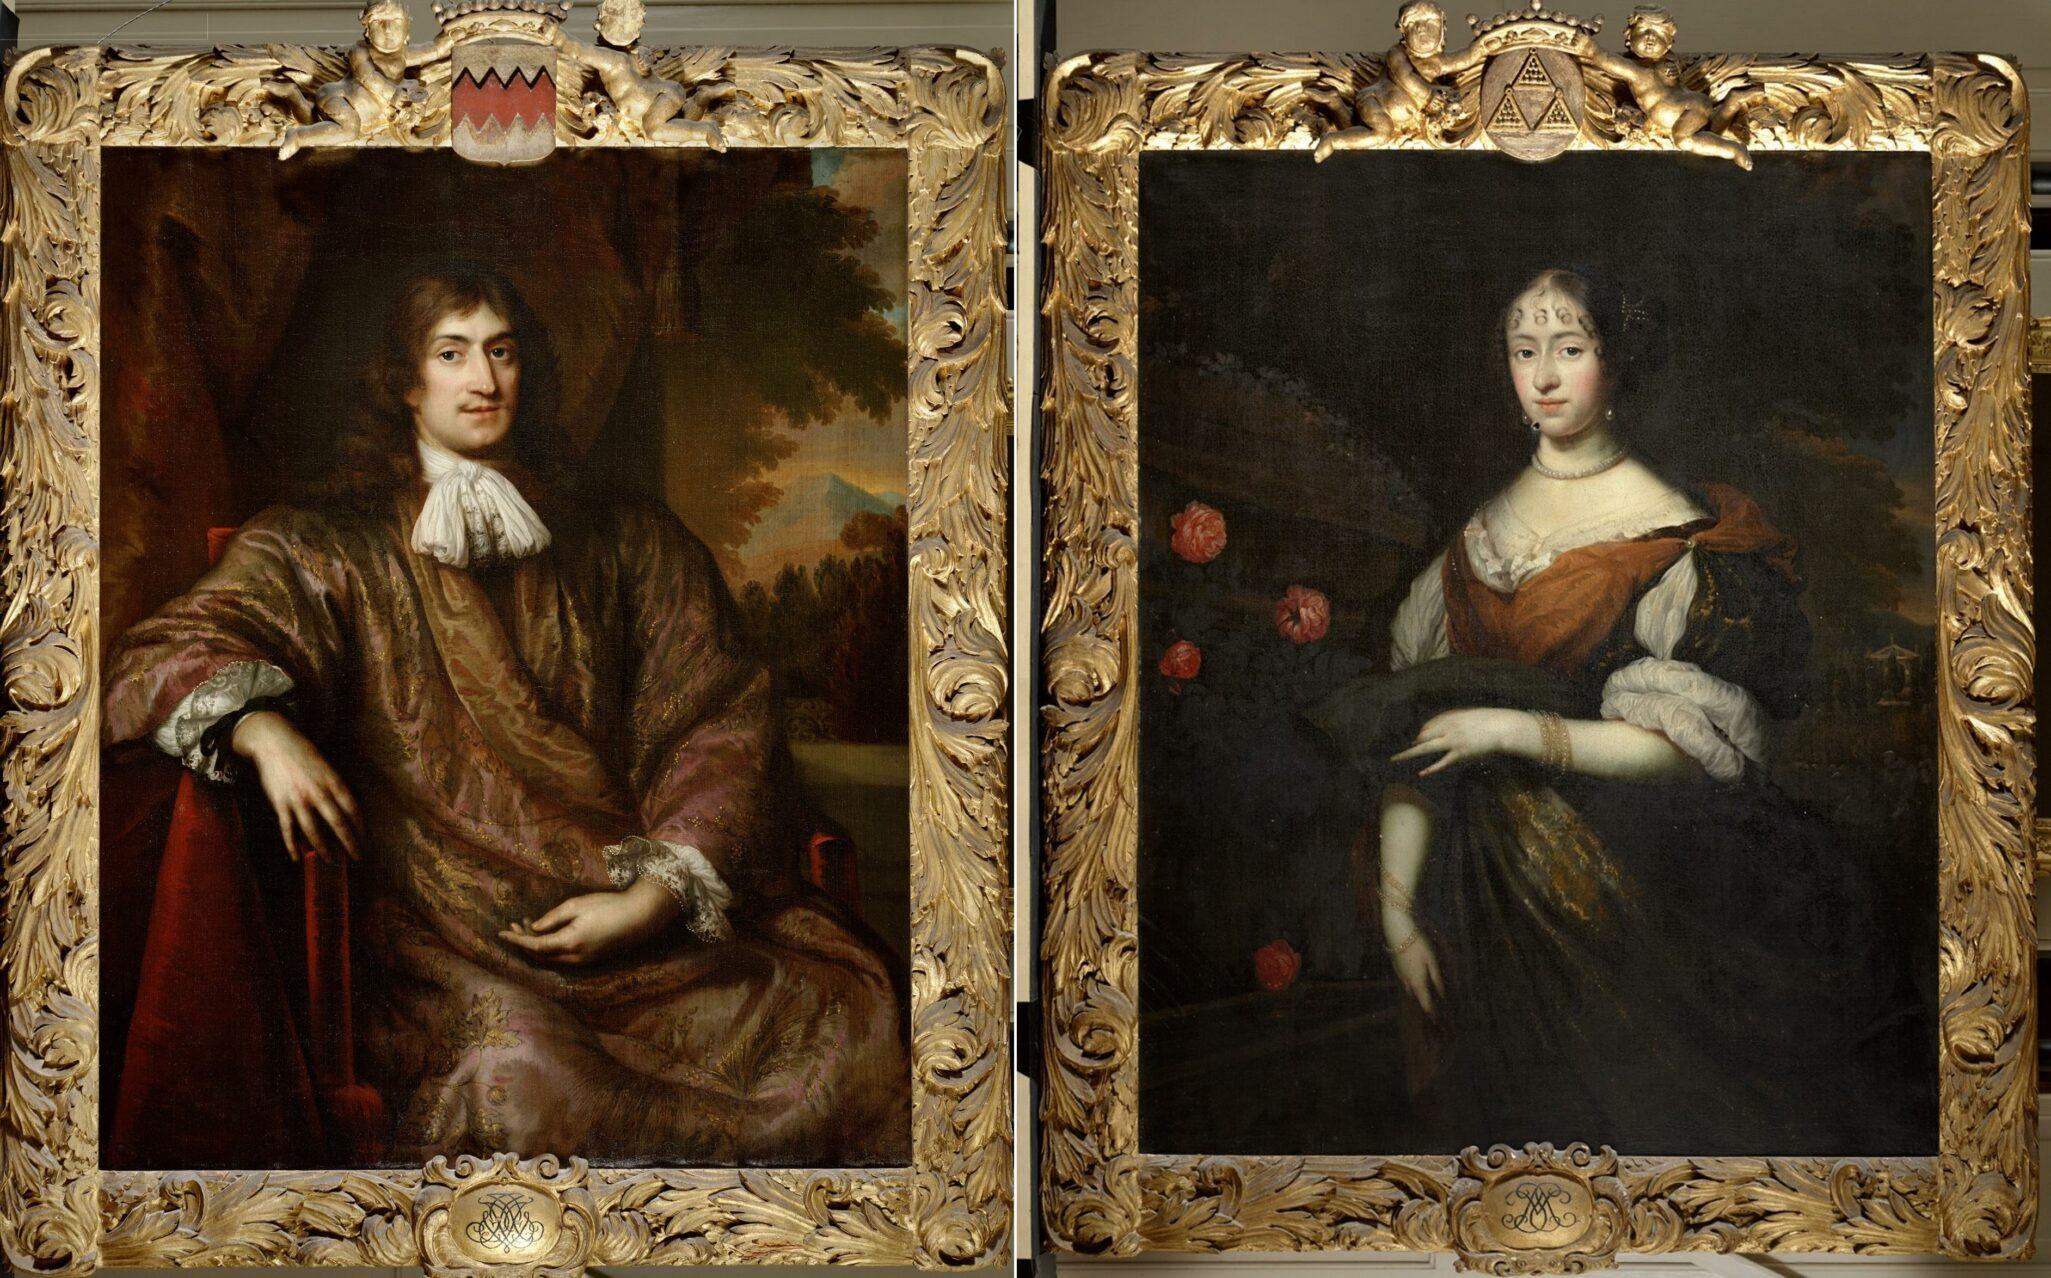 Fig. 8. Jan de Baen (1633-1707), Portraits of Jacob Dircksz van Foreest and Maria Sweerts , 1672-73On loan from the Stichting Van Foreest en Van Egmond van de Nijenburg. (Photograhs taken before restoration.)